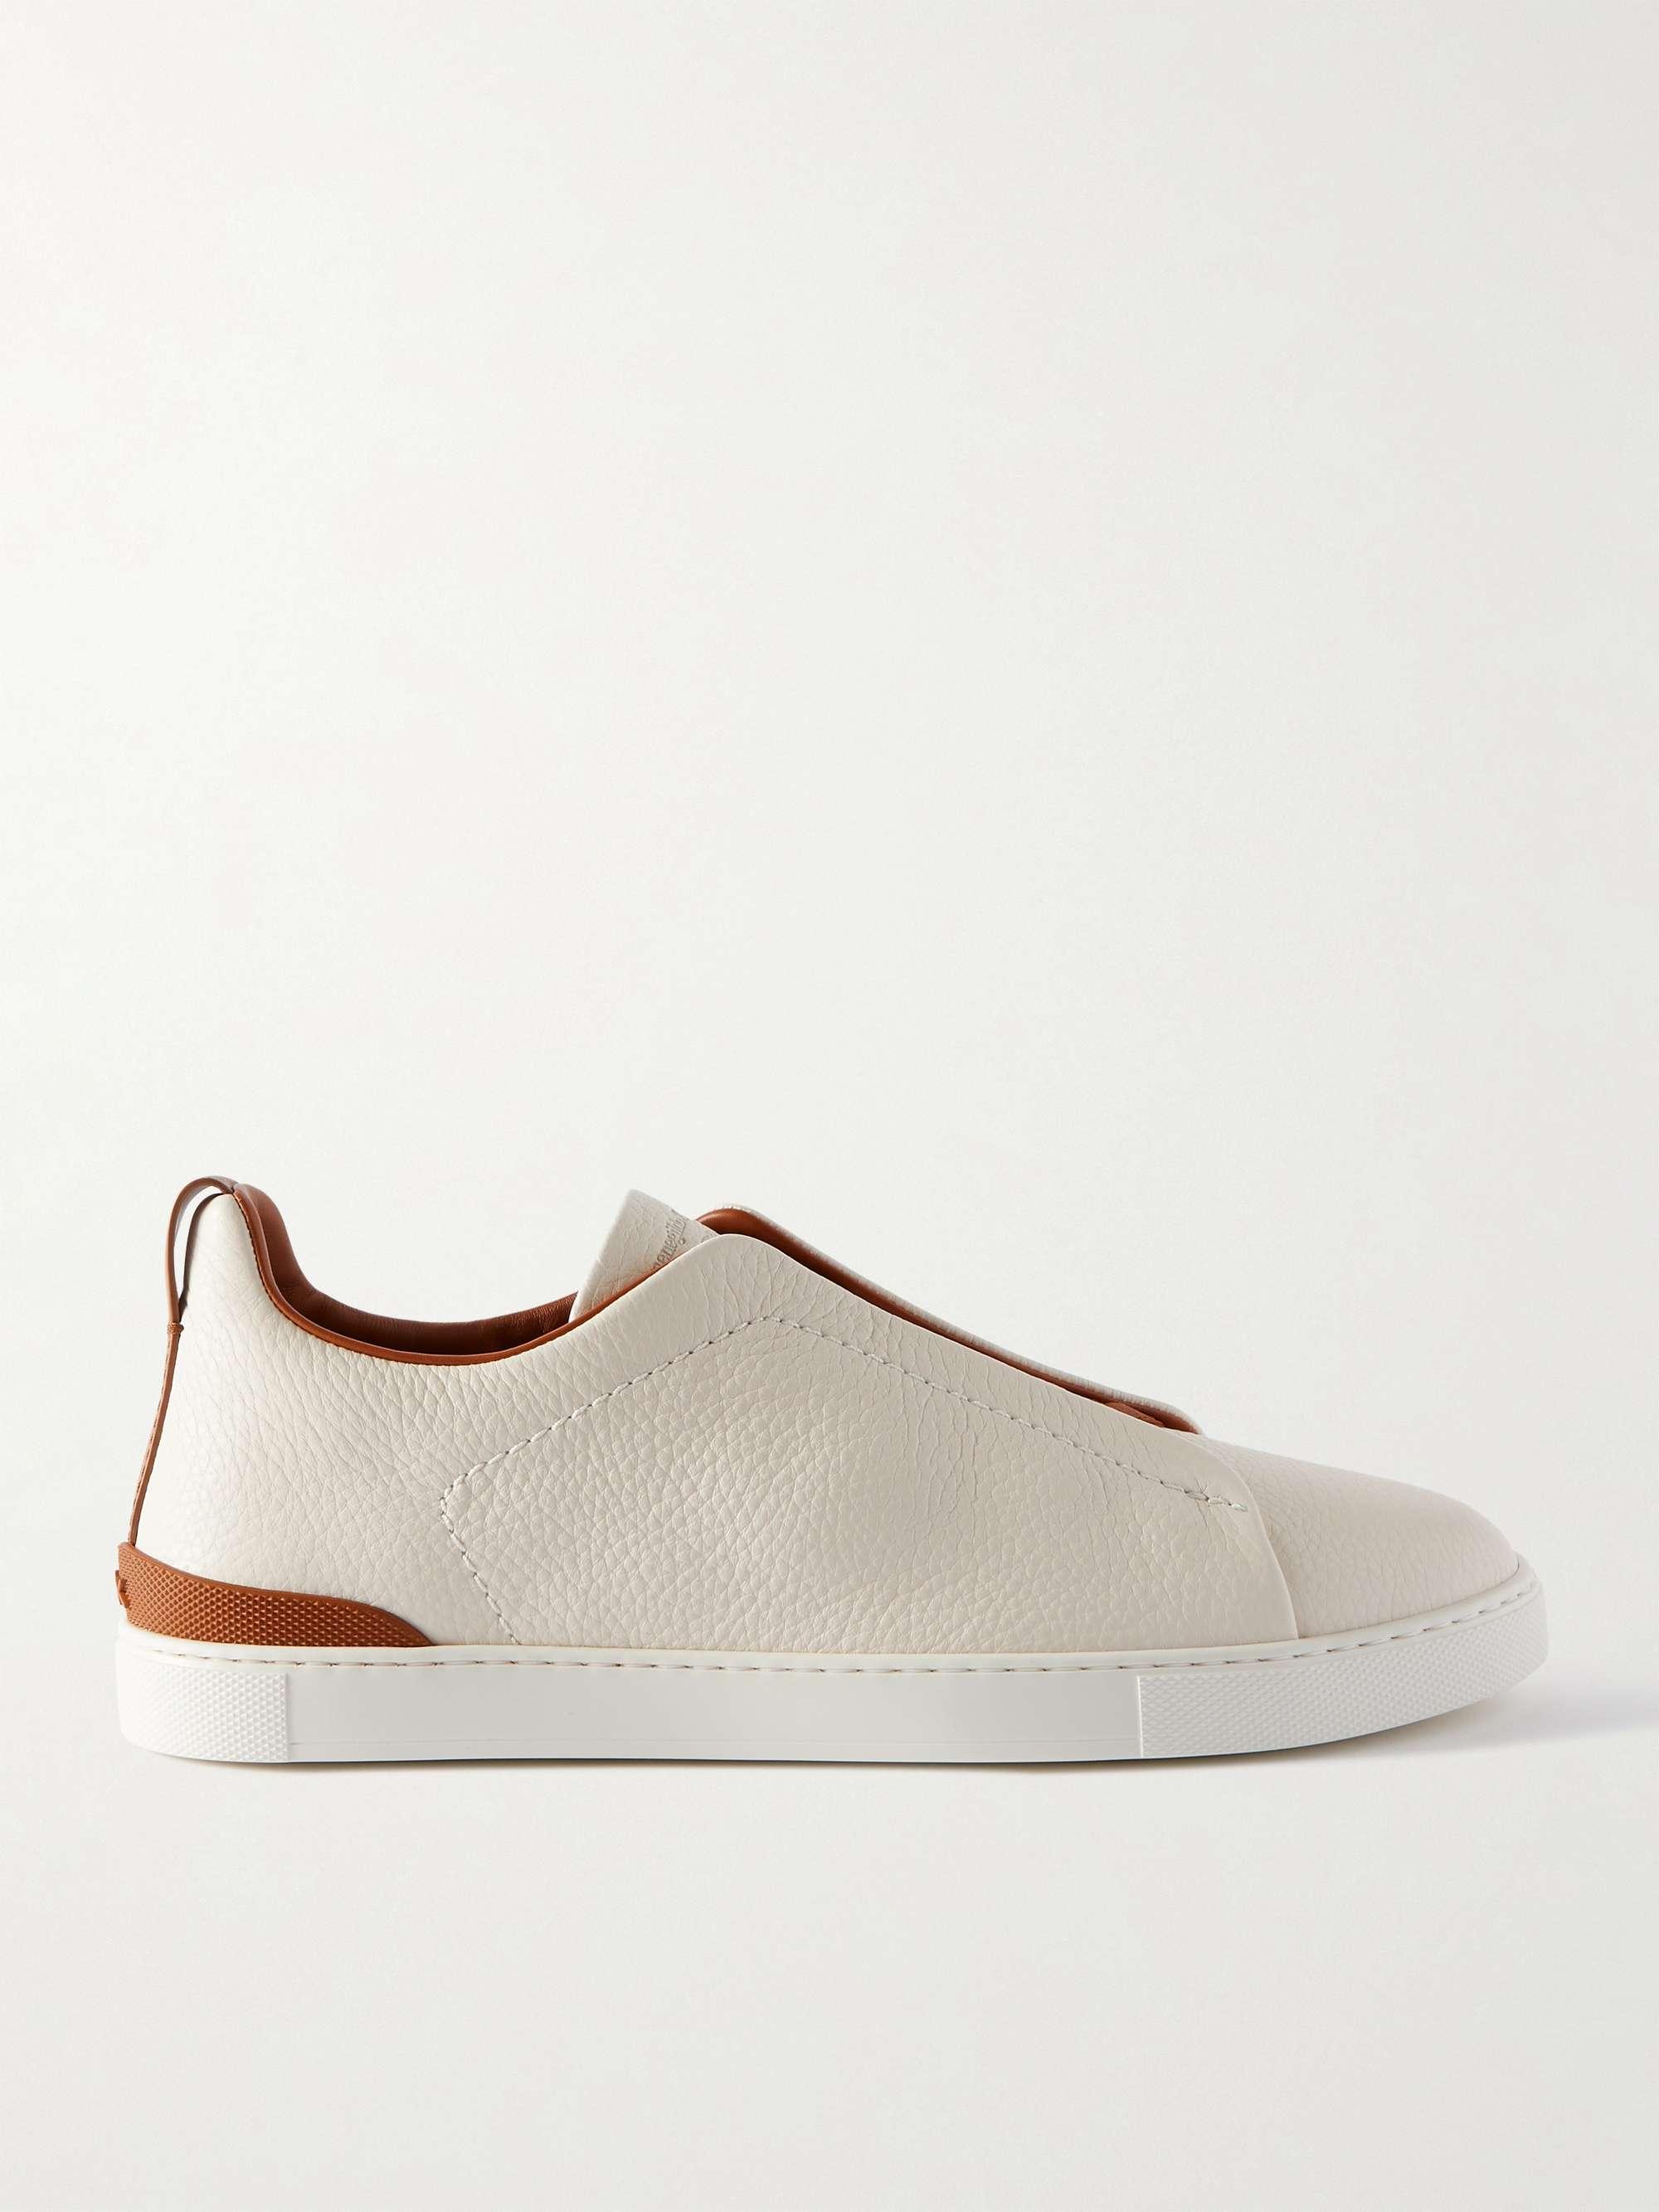 제냐 슬립온 스니커즈, 그레인 가죽 - 화이트 ('갯마을 차차차' 김선호 착용) Zegna Full-Grain Leather Slip-On Sneakers,White